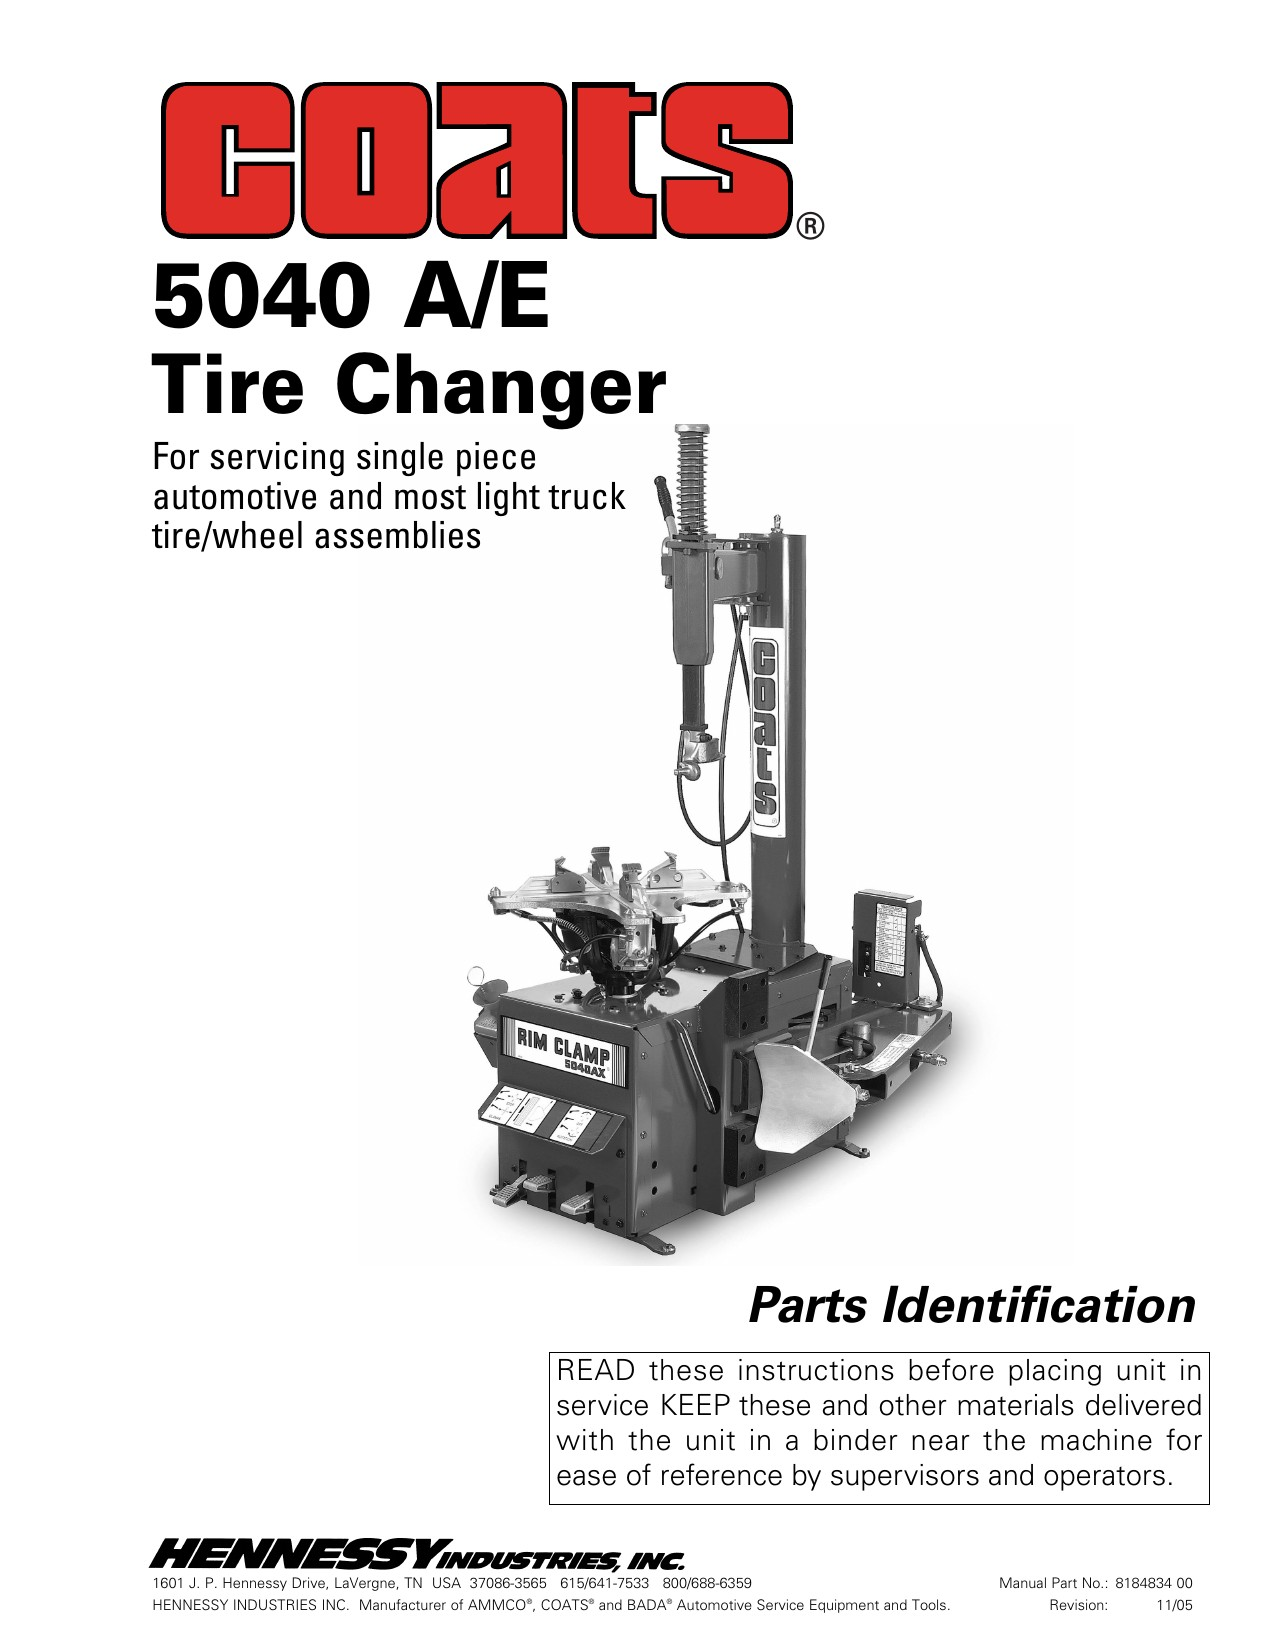 Coats Tire Machine Parts Diagram 5040 A E Automotive Equipment Service Co Of Coats Tire Machine Parts Diagram